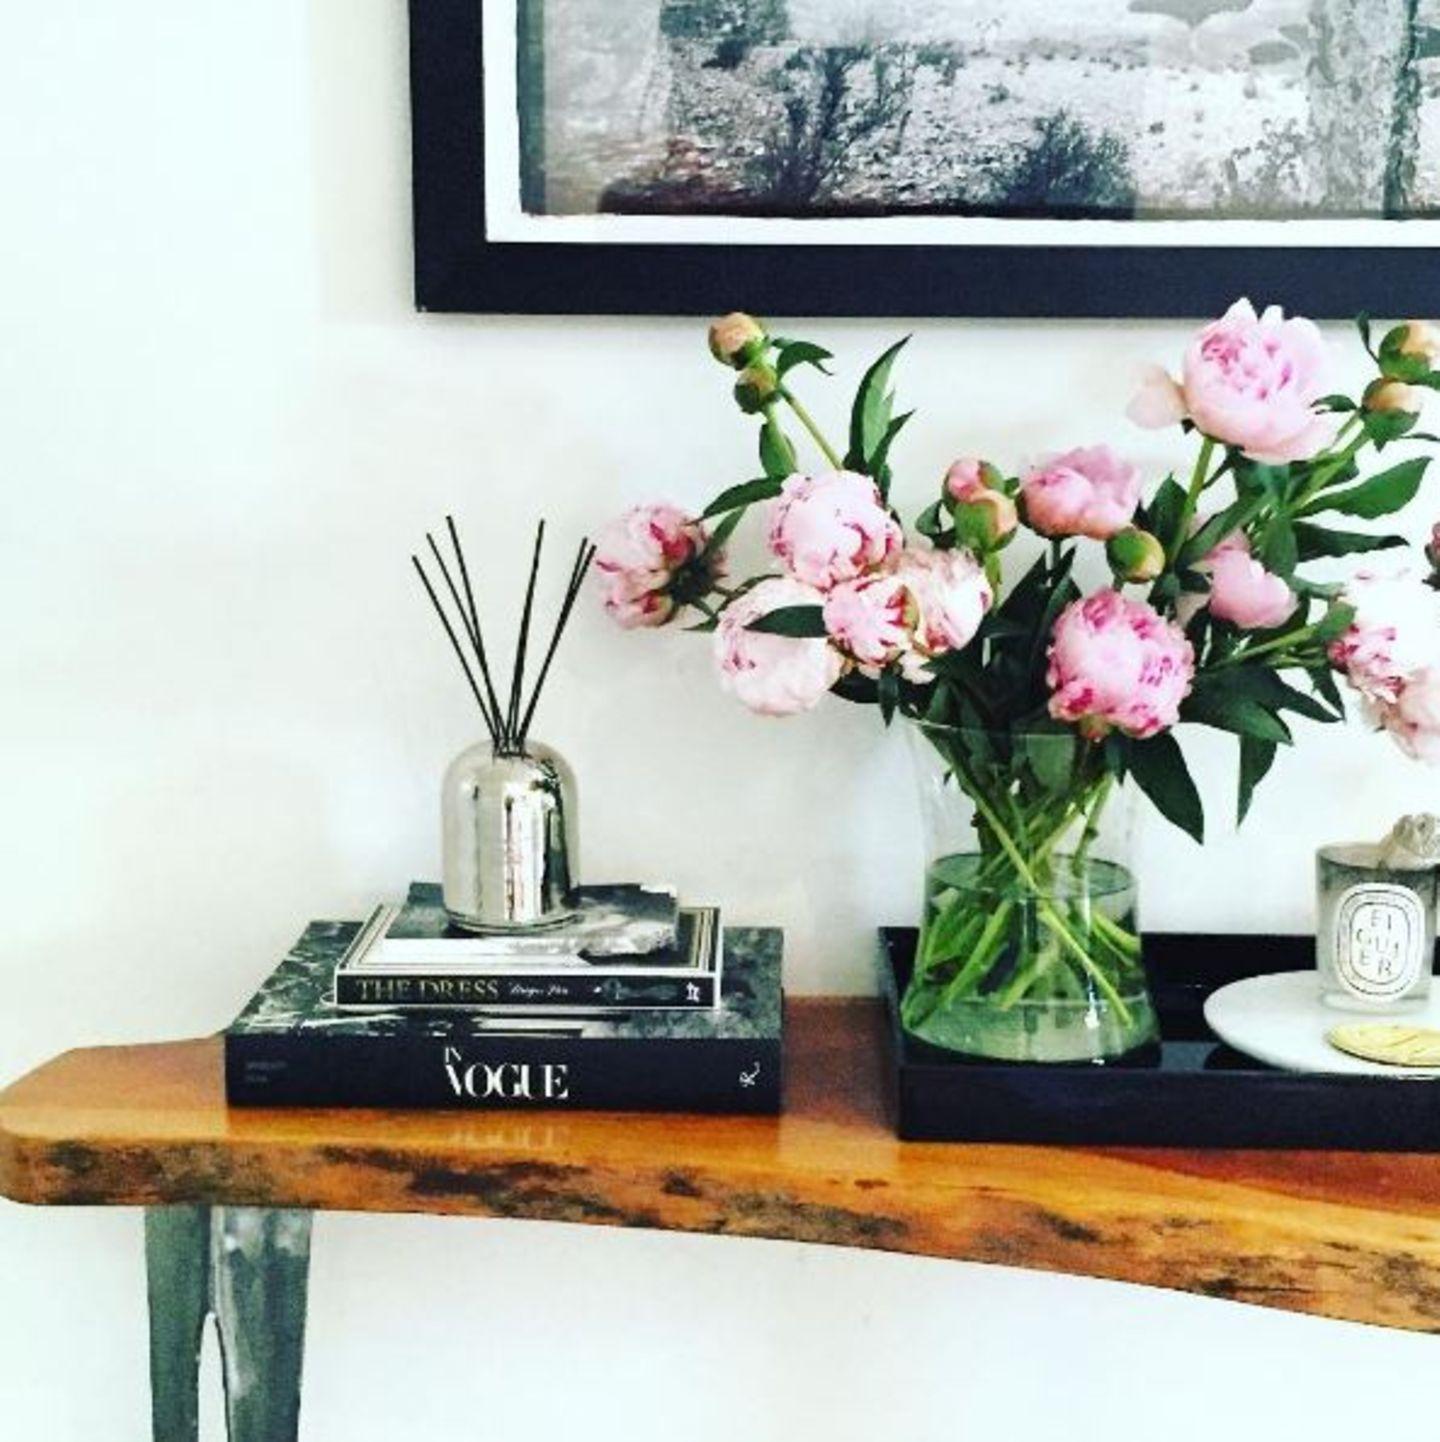 Pflanzen, Bücher, Vintage-Möbel - Meghan Markle beweist in Sachen Interior viel Geschmack. Für angenehmen Raumduft sorgen bei ihr Fragrance-Stäbchen und Kerzen von Diptyque.